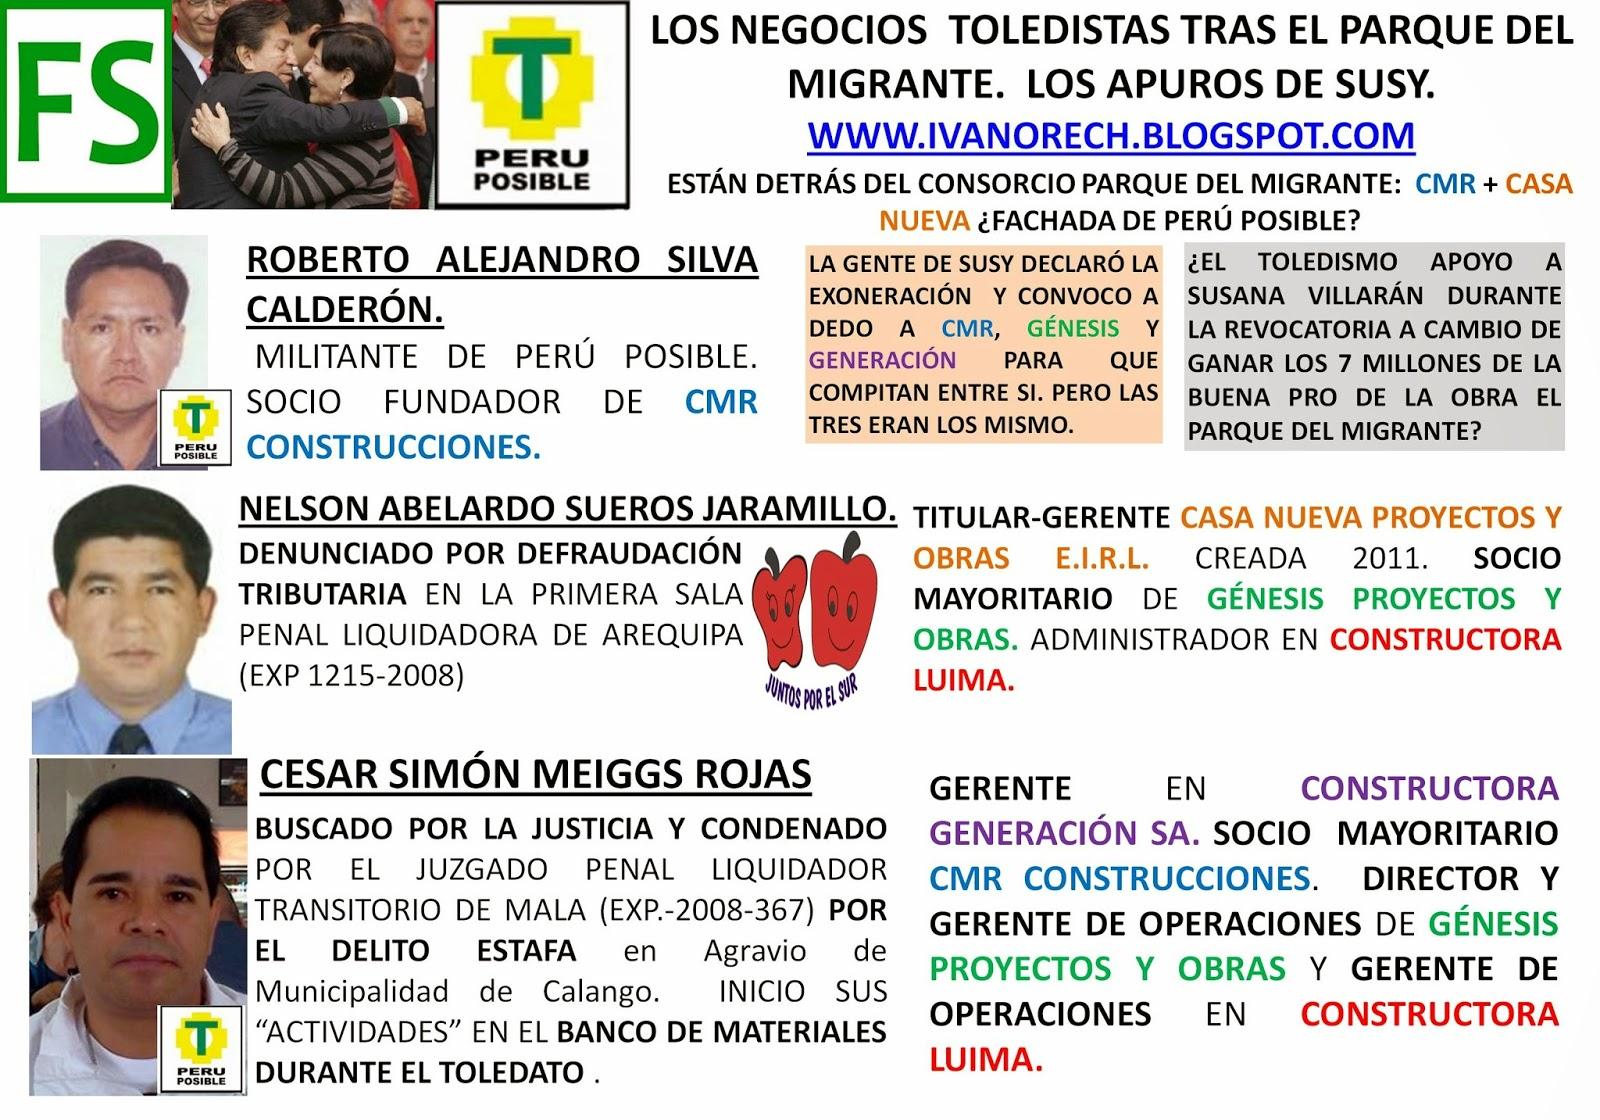 https://www.facebook.com/notes/ivan-ore/los-negociados-del-parque-del-migrante-susana-villaran-la-conexión-toledista-por/803265616361241